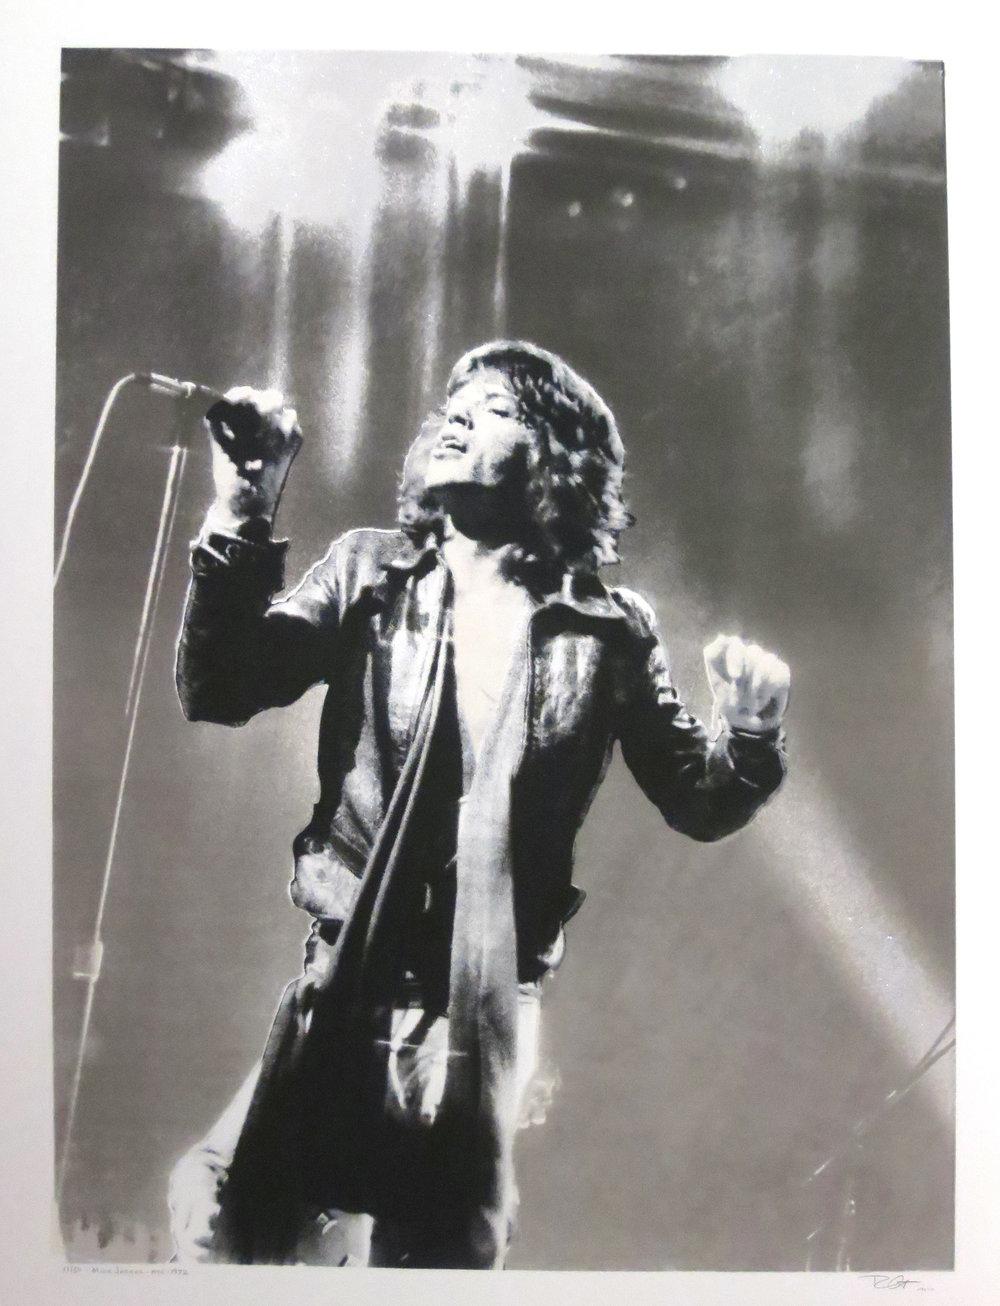 Mick Jagger, Limited Edition Silkscreen